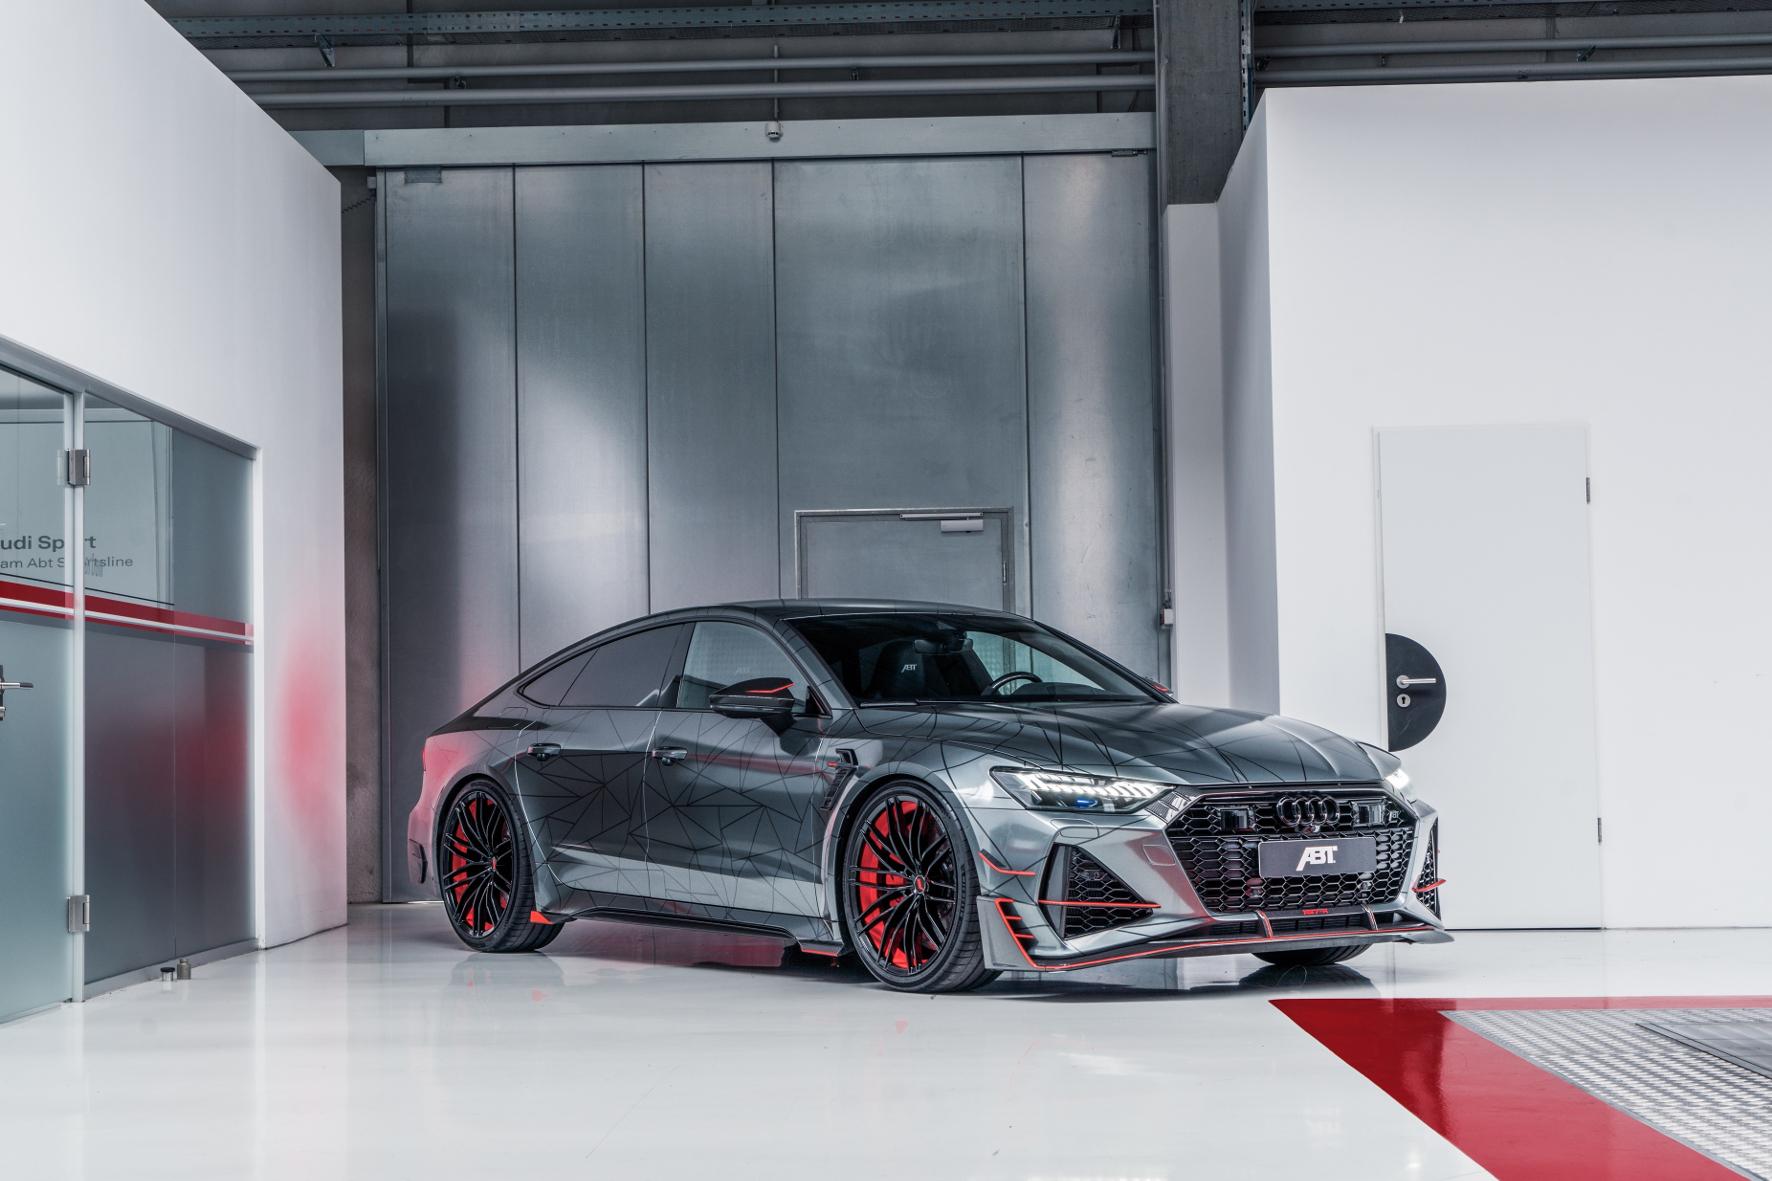 mid Groß-Gerau - Sportliches Glanzstück: der Audi Abt RS7-R. Abt Sportsline